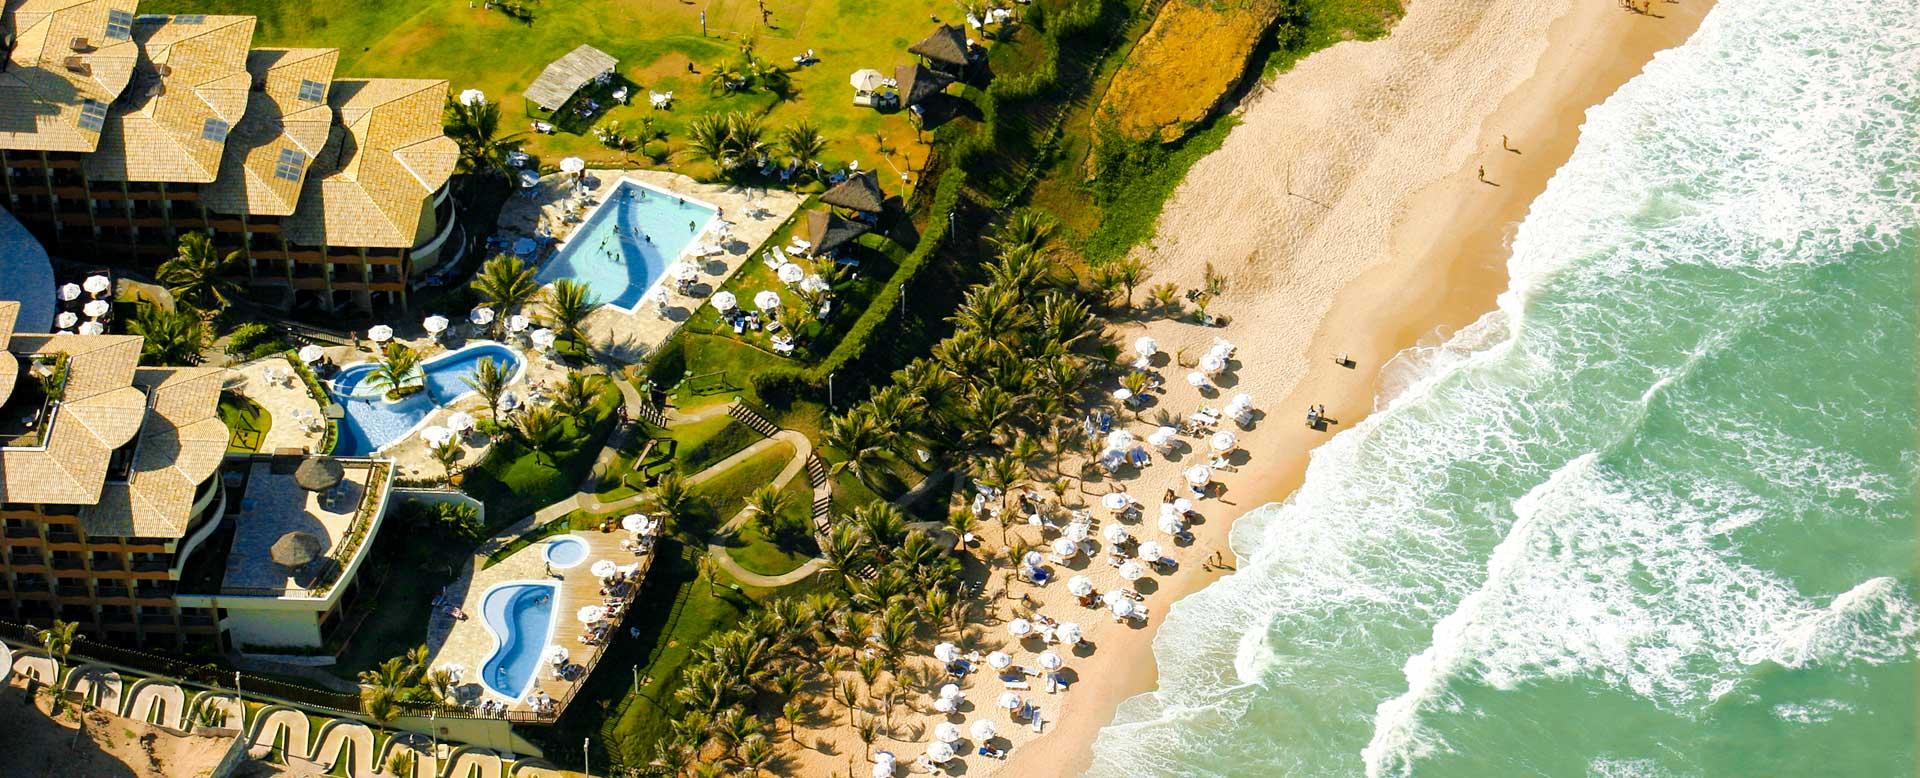 slider-page-rifoles-praia-hotel-e-resort-localizacao